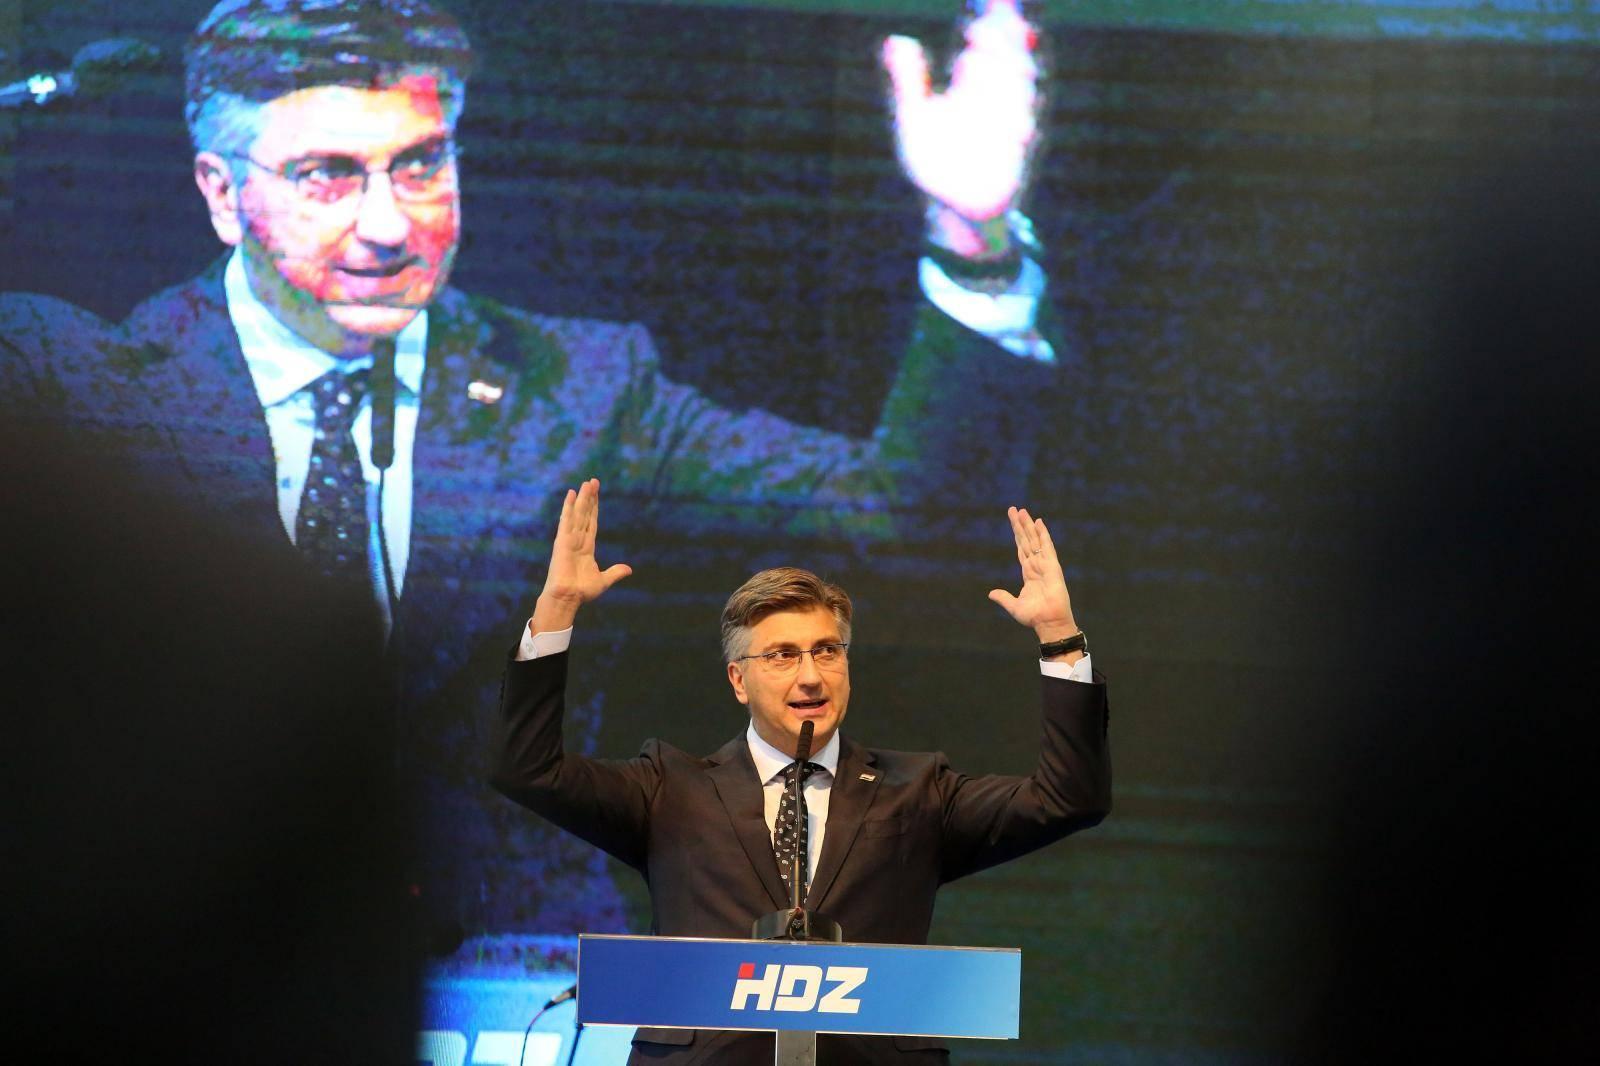 HDZ oprašta sve osim poraza. A Plenković je doživio debakl